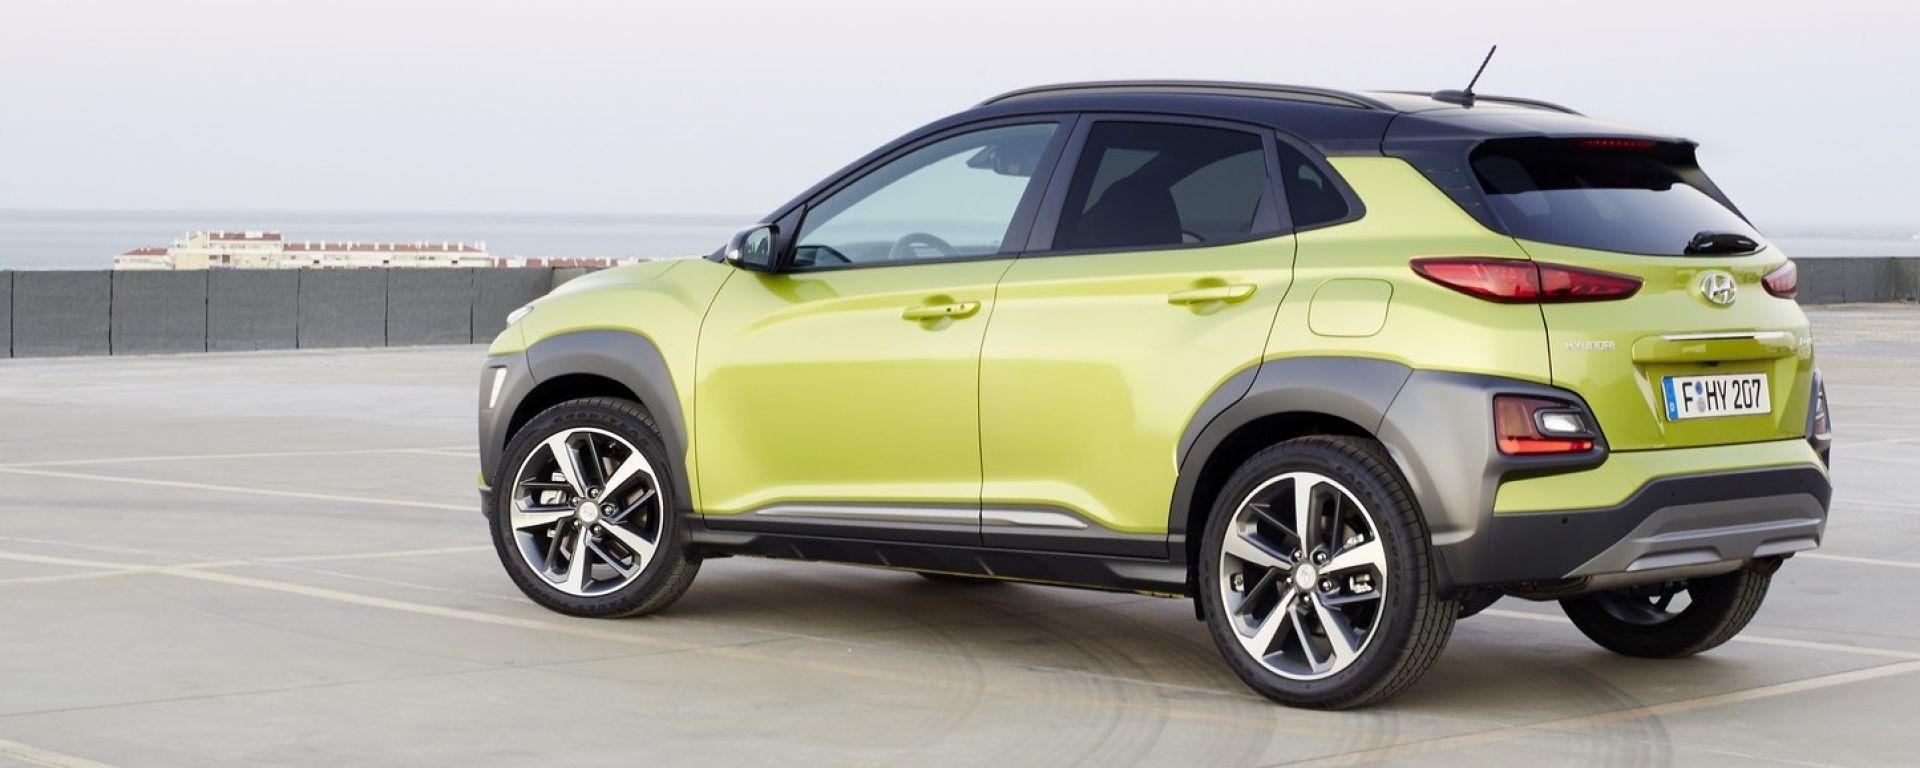 Hyundai Kona A Francoforte 2017 Prezzo Dimensioni E